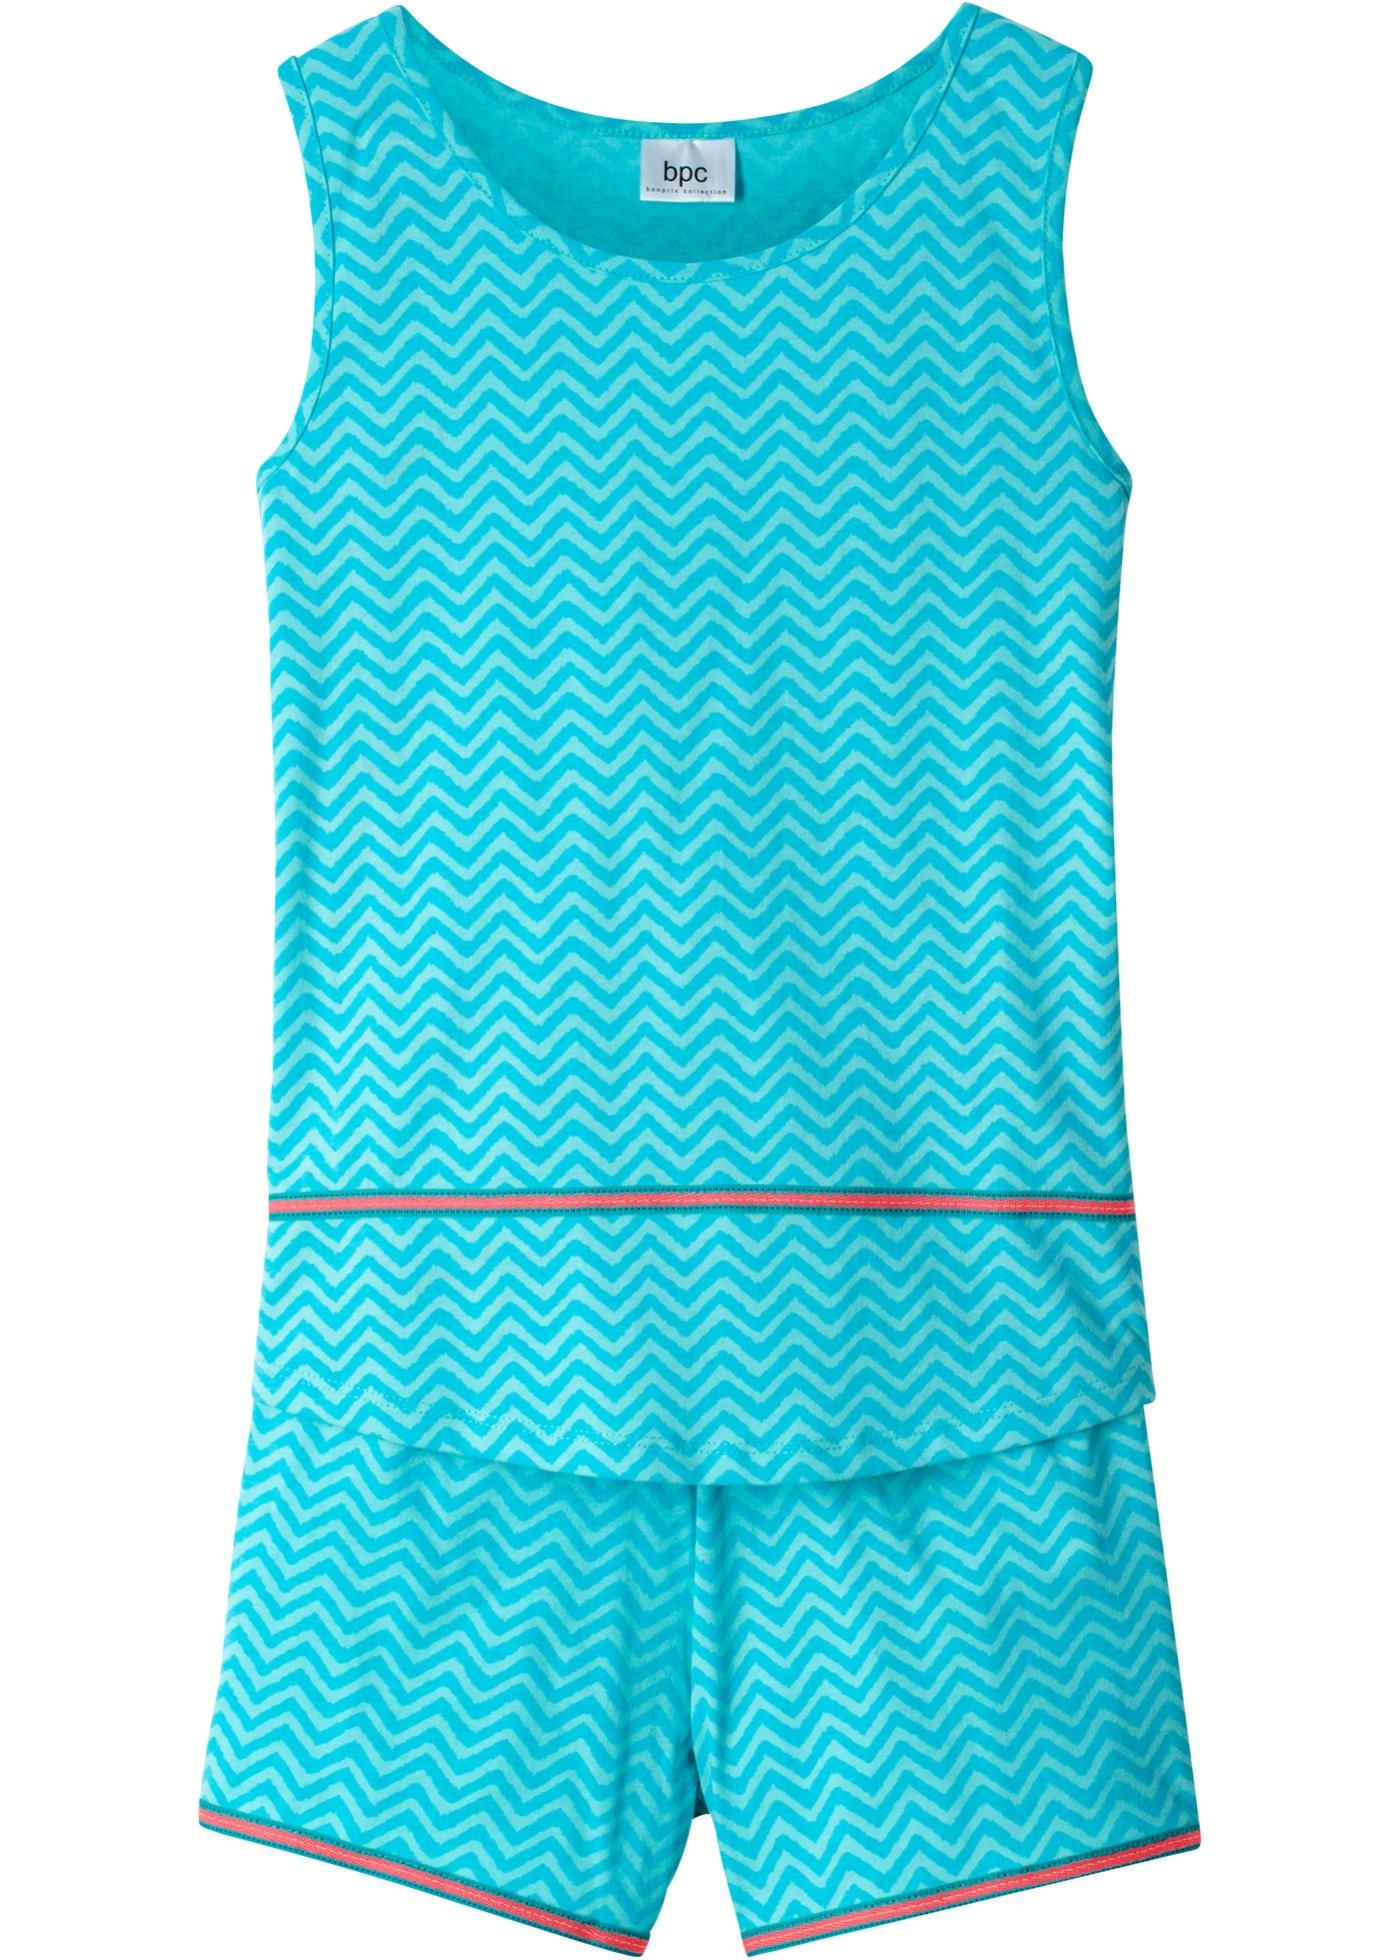 Mädchen,  Kinder bonprix Top + Shorts (2-tlg. Set) blau, rosa   08904303026441